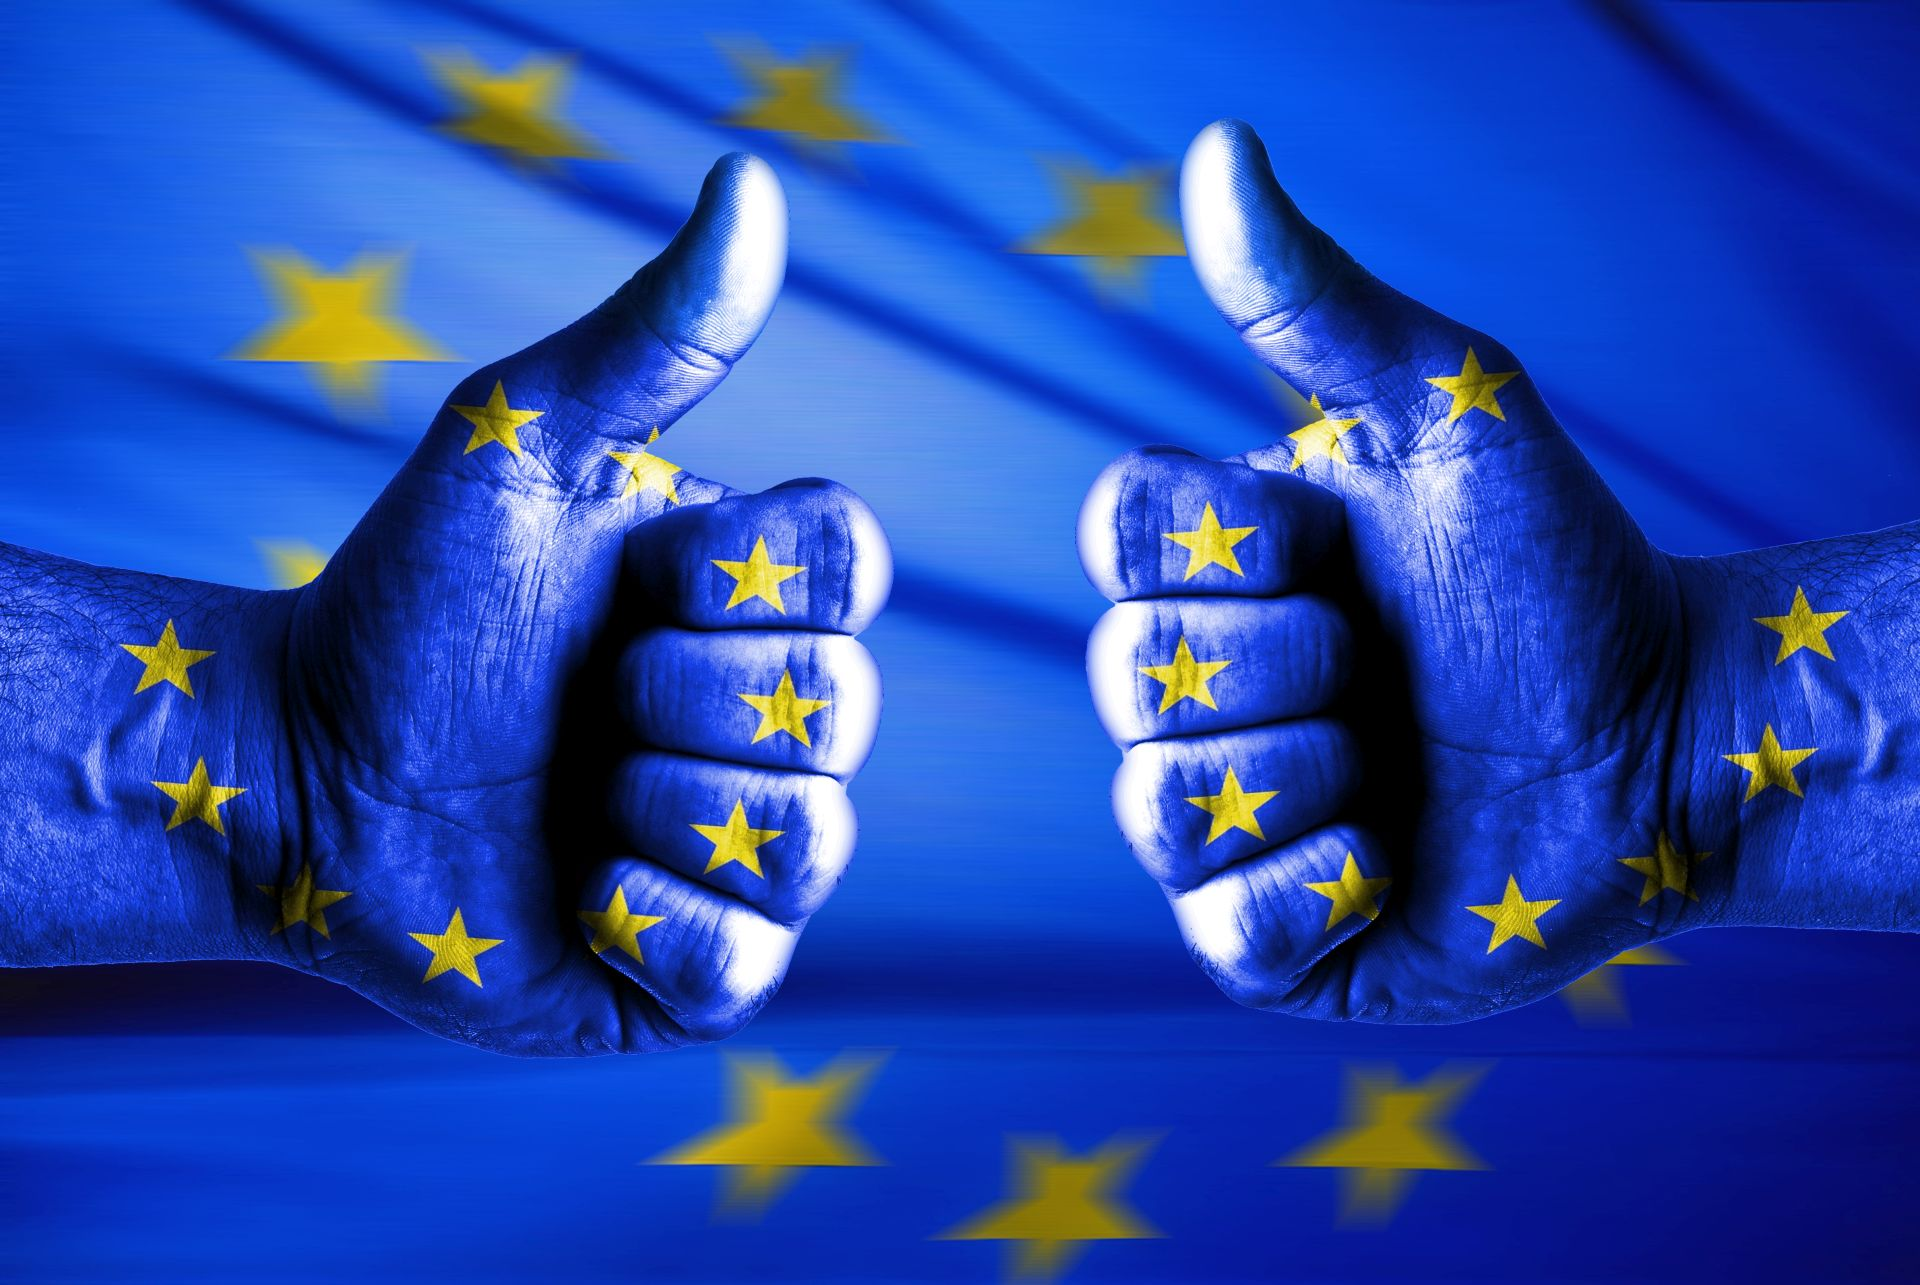 na tle flagi unijnej (niebieskiej w złote gwiazdki) kciuki uniesione w górę, symbolizujące: lubię Unię